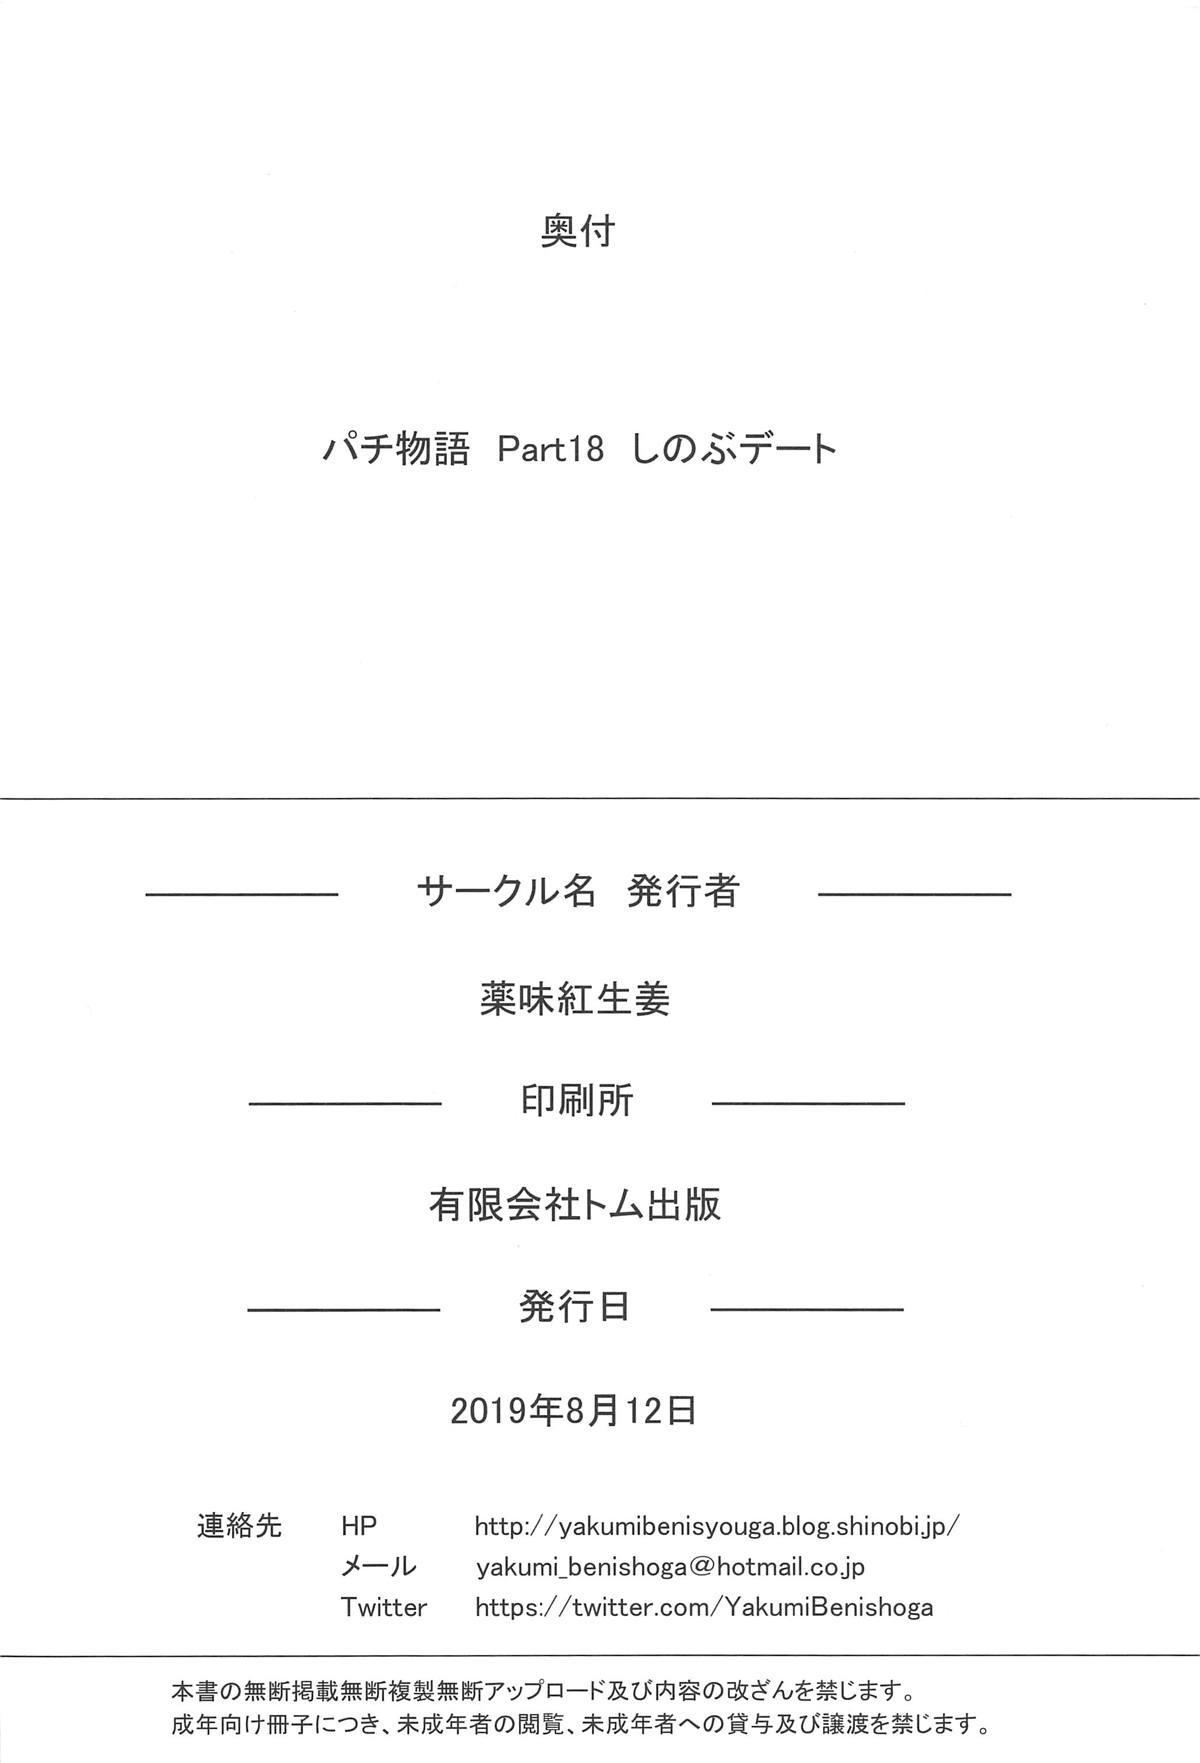 Pachimonogatari Part 18: Shinobu Date 24